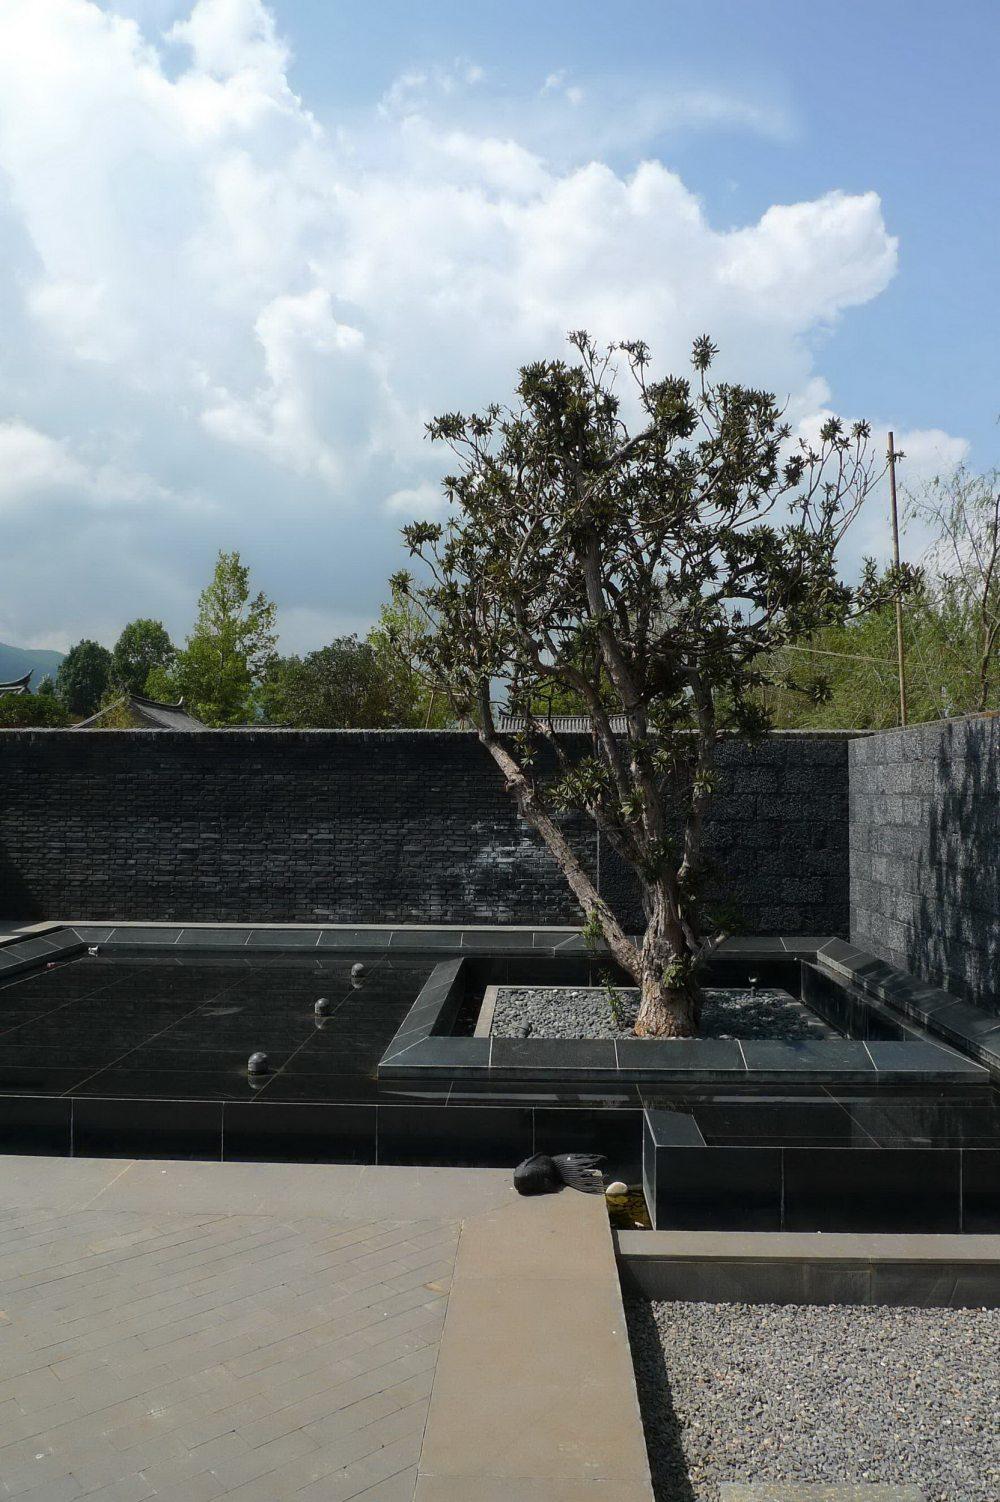 云南丽江铂尔曼渡假酒店(Lijiang Pullman Hotel)(CCD)(第8页更新)_P1010569.jpg